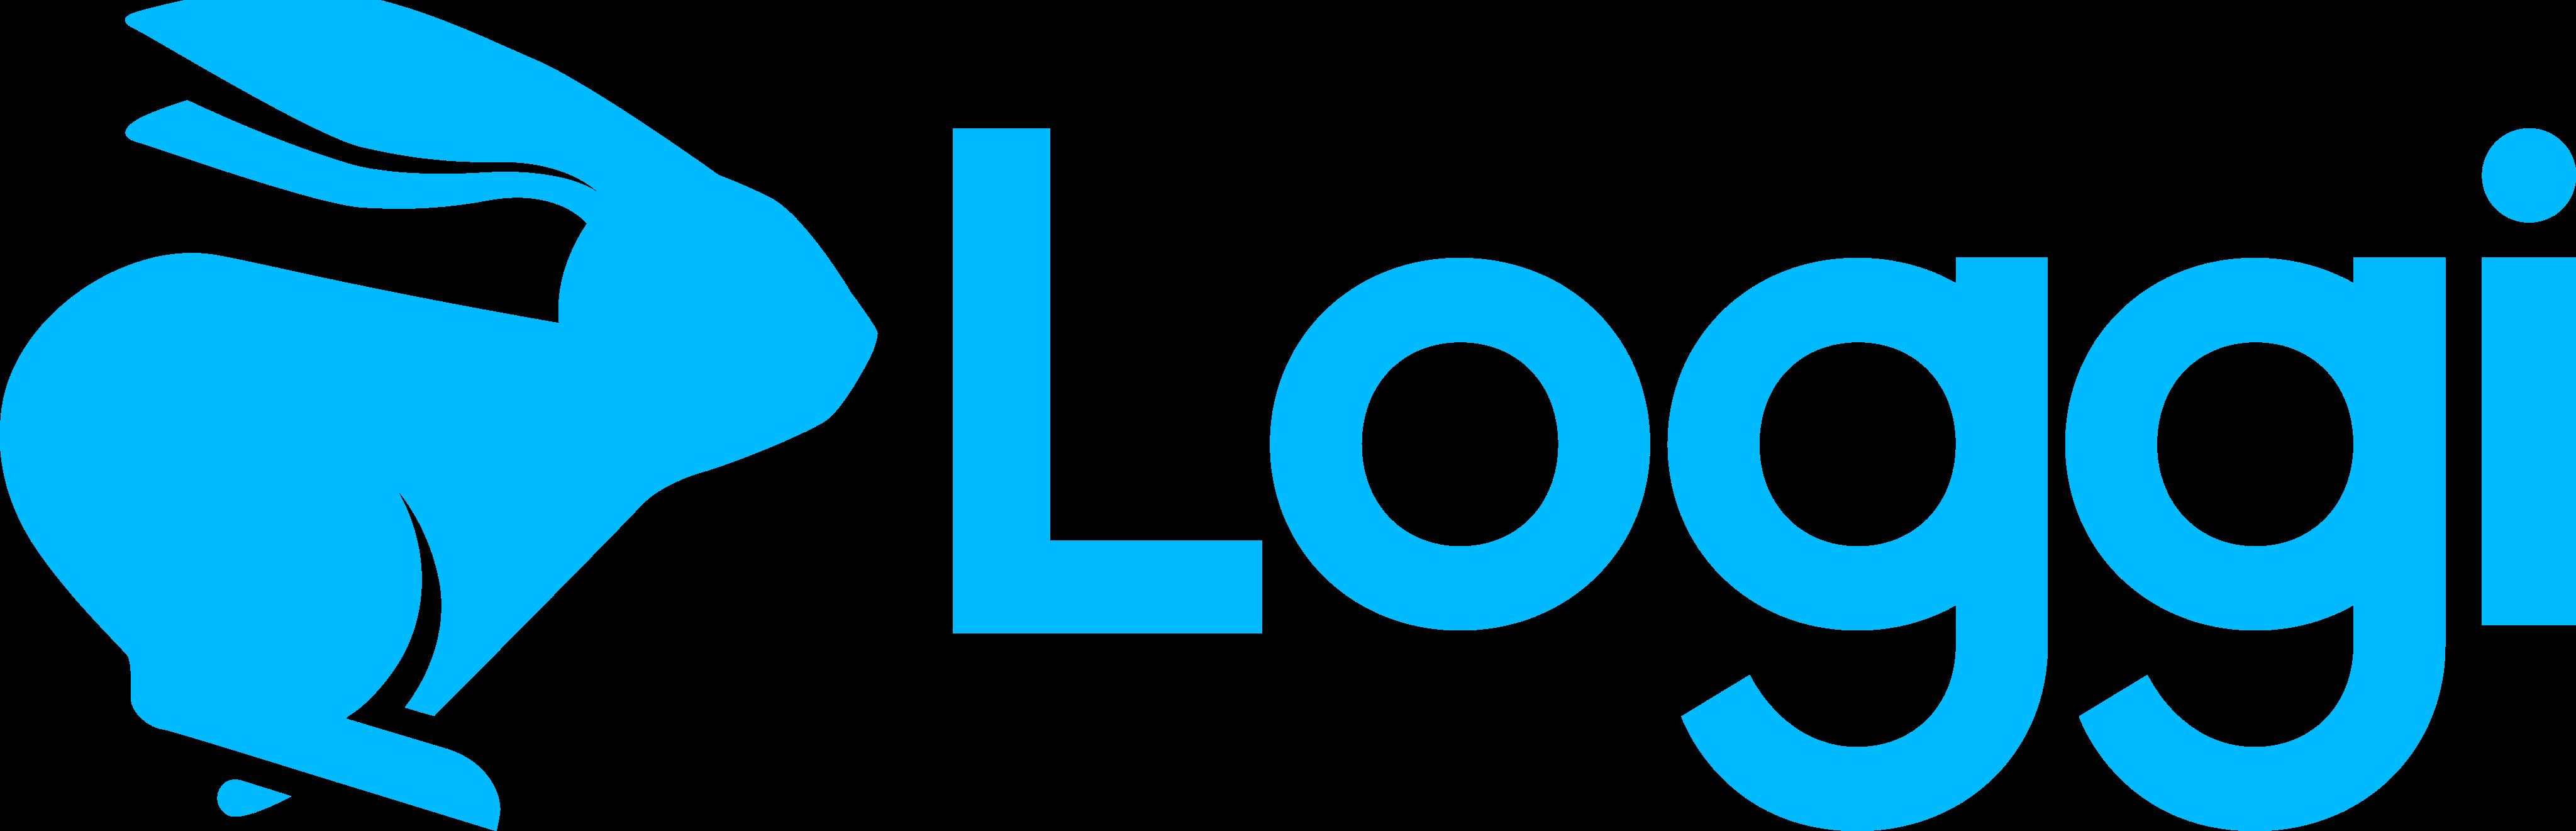 Loggi Logo - PNG e Vetor - Download de Logo